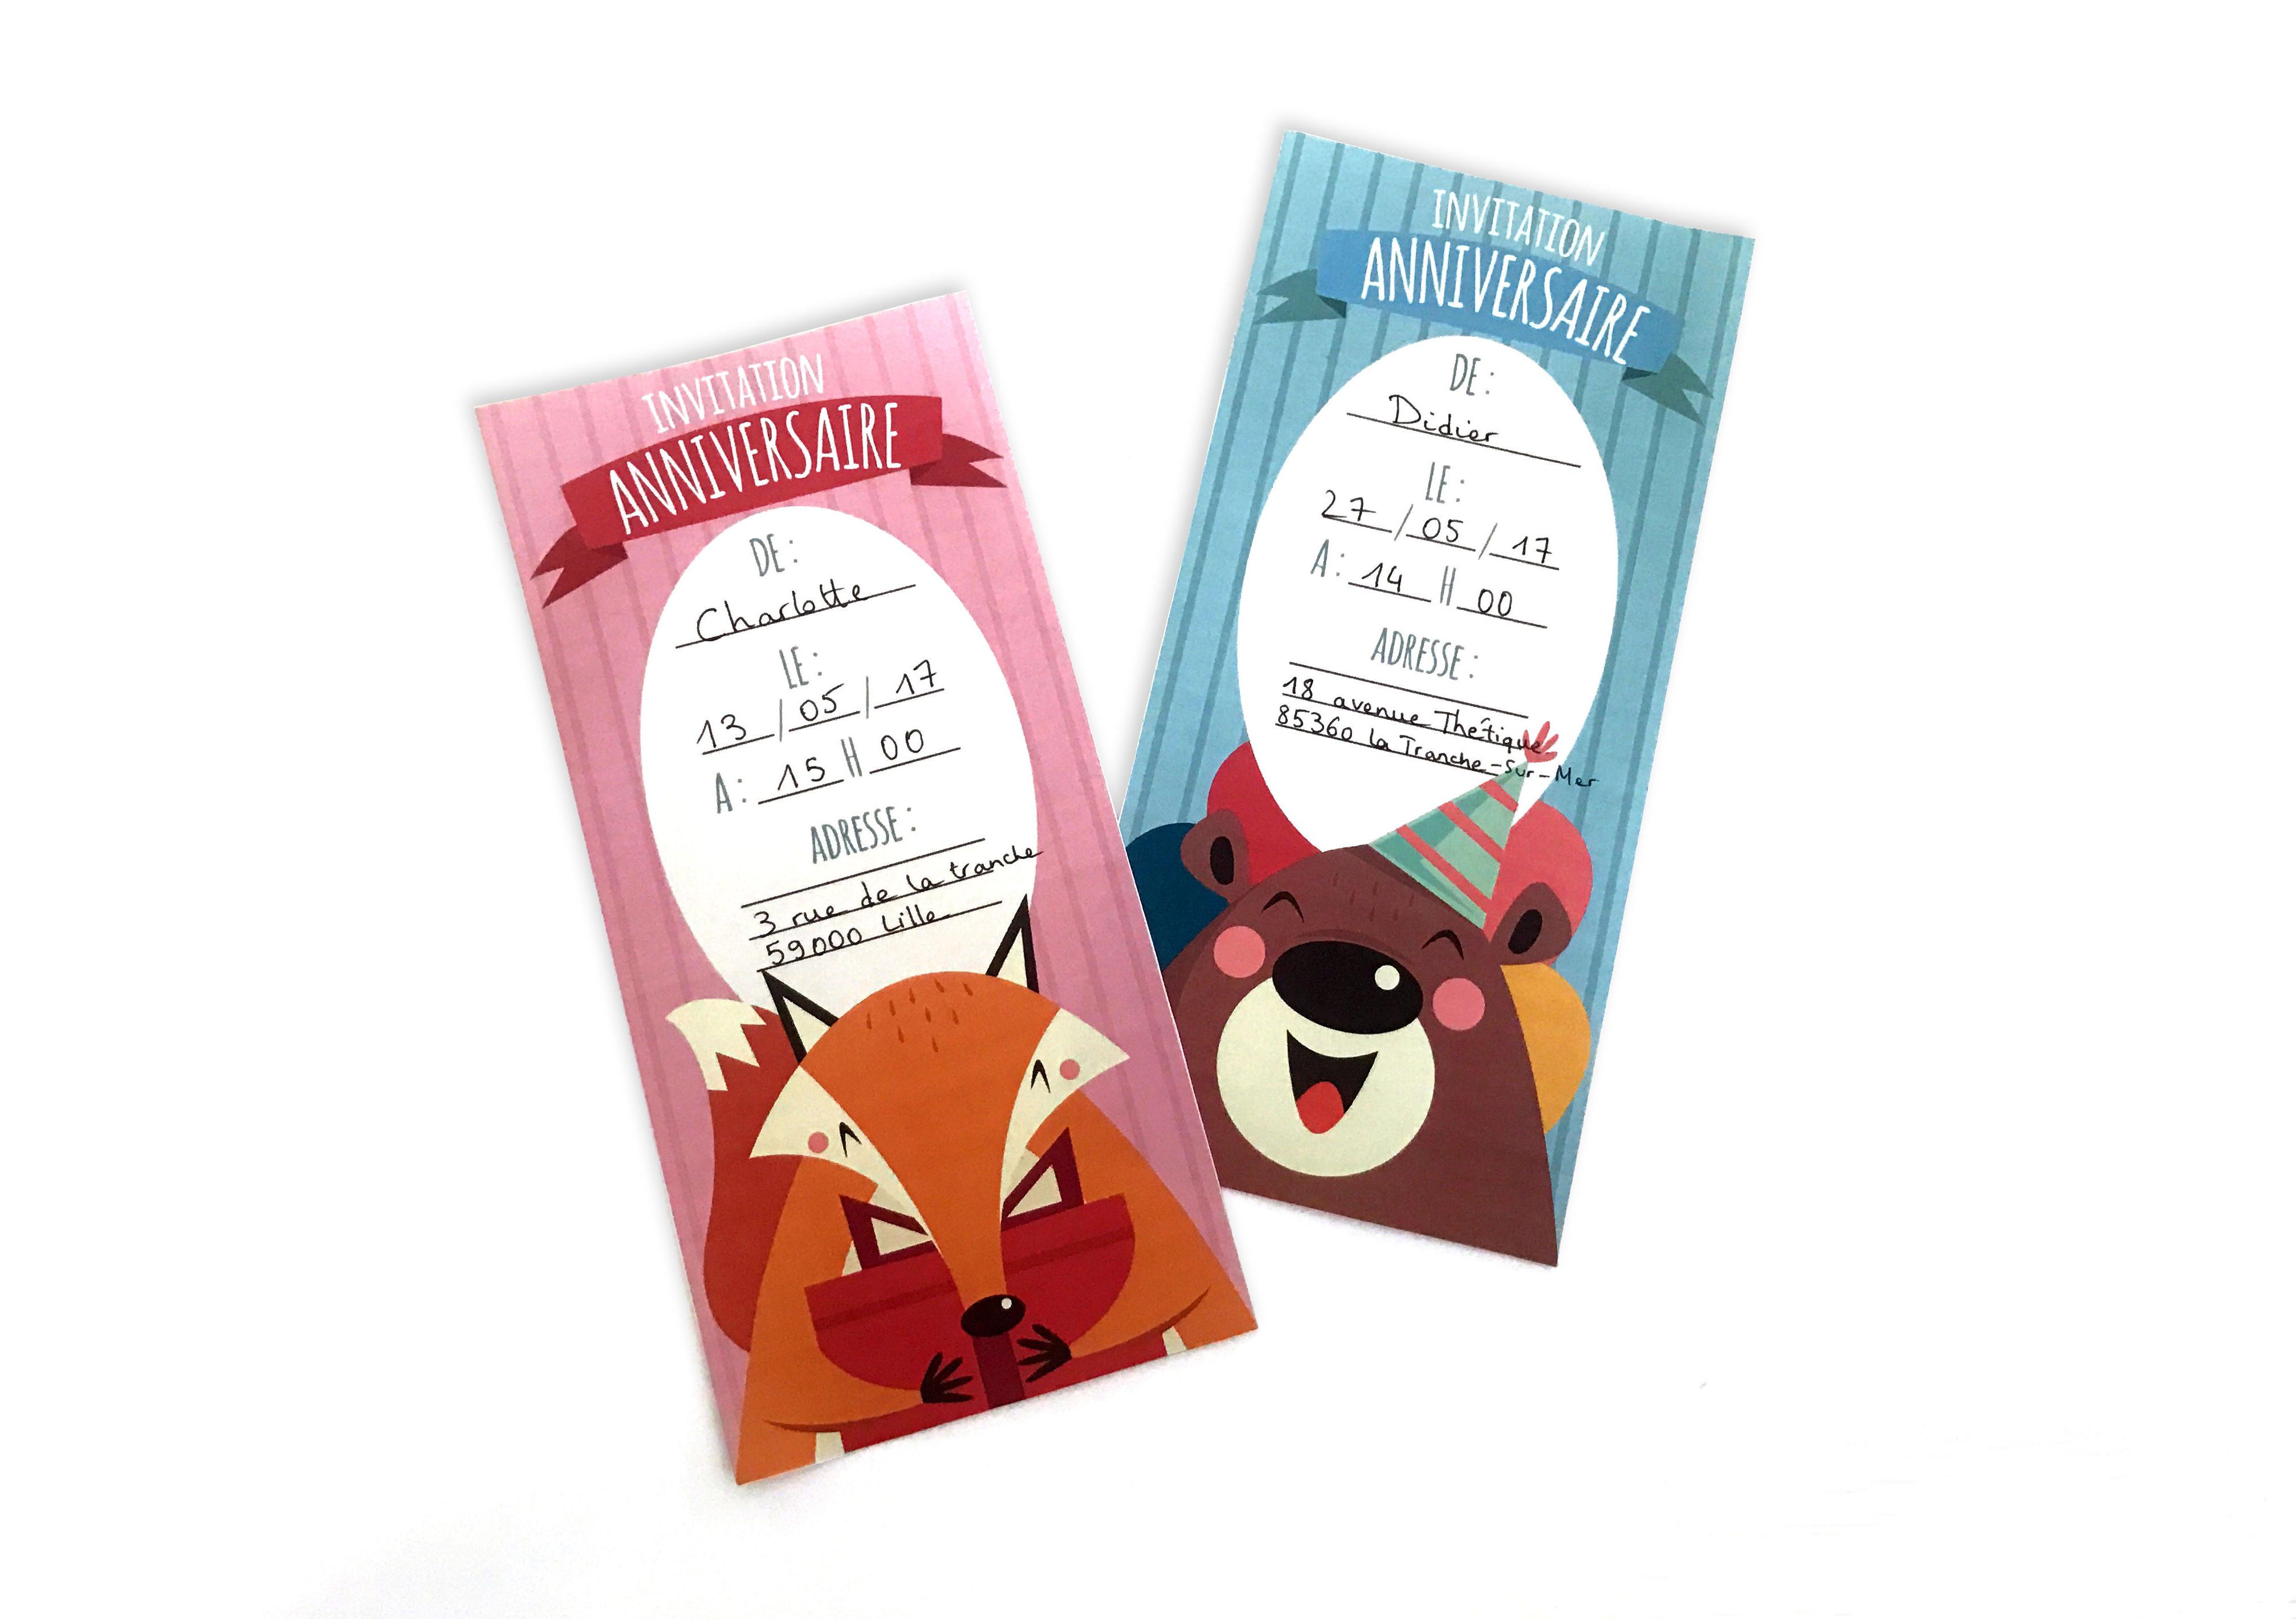 Quelques conseils et invitations d'anniversaire enfant à imprimer - On adore - Blog La Foir'Fouille